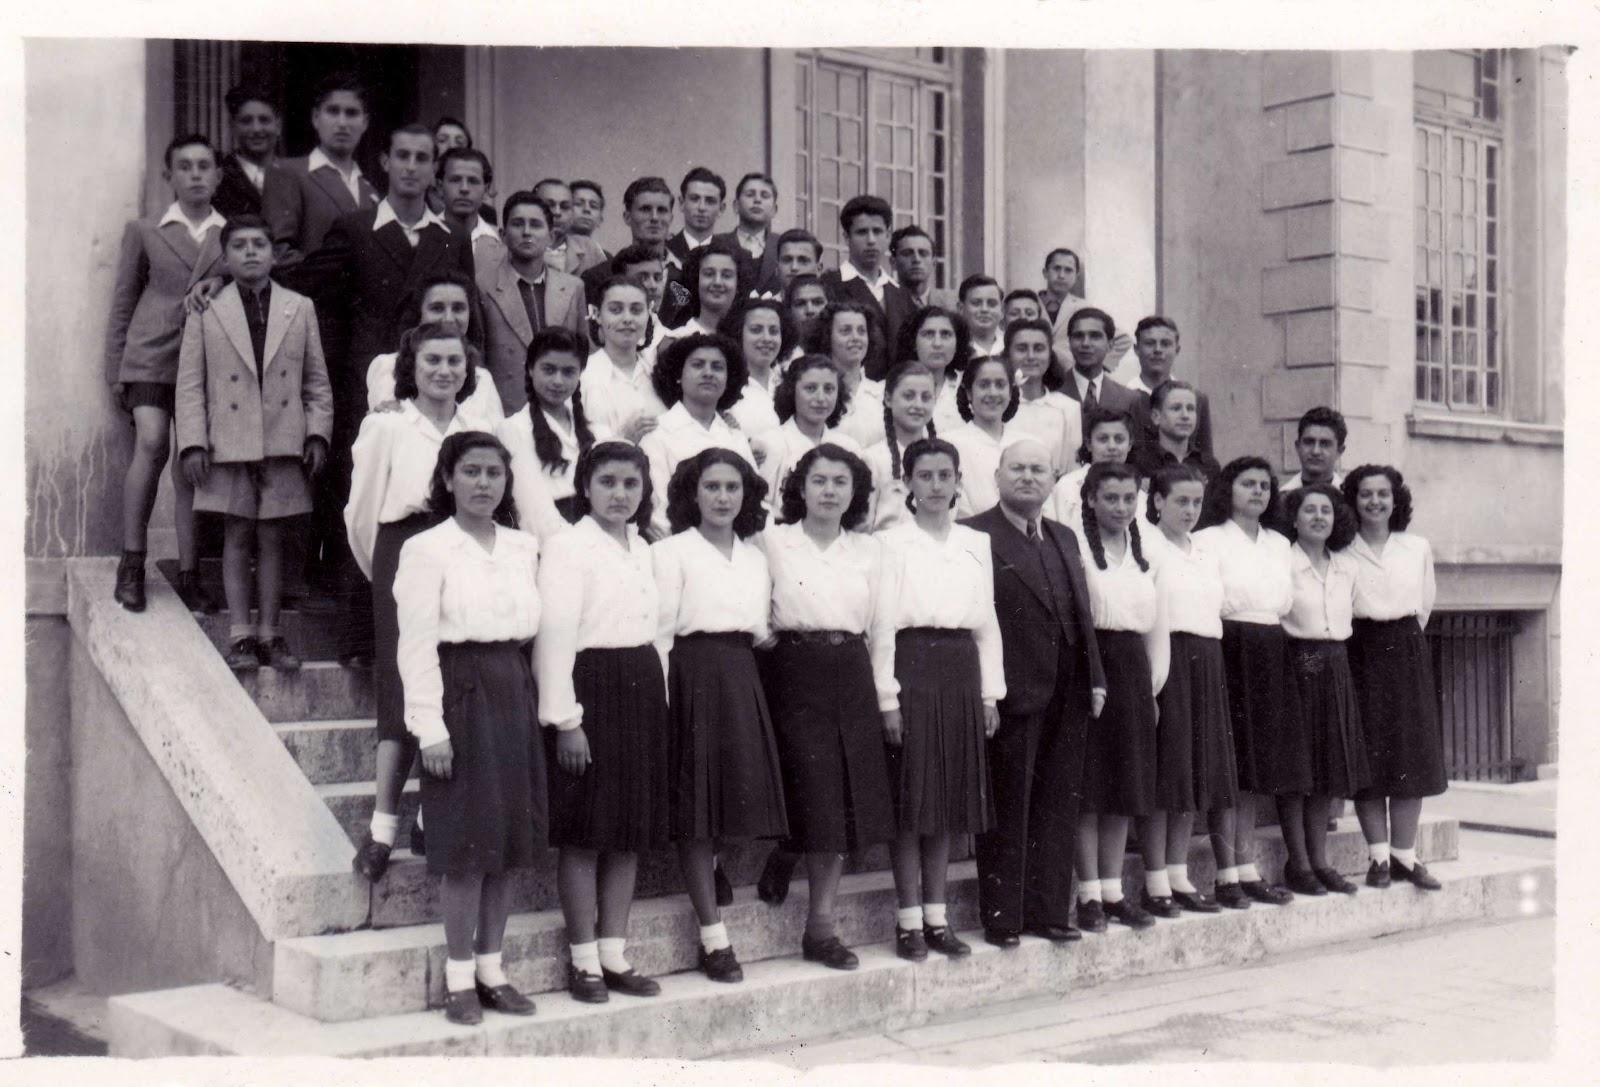 90 χρόνια από τη μεγάλη εκκλησιαστική σύνθεση του μουσικοπαιδαγωγού και συνθέτη Κοσμά Μπουχάγιερ